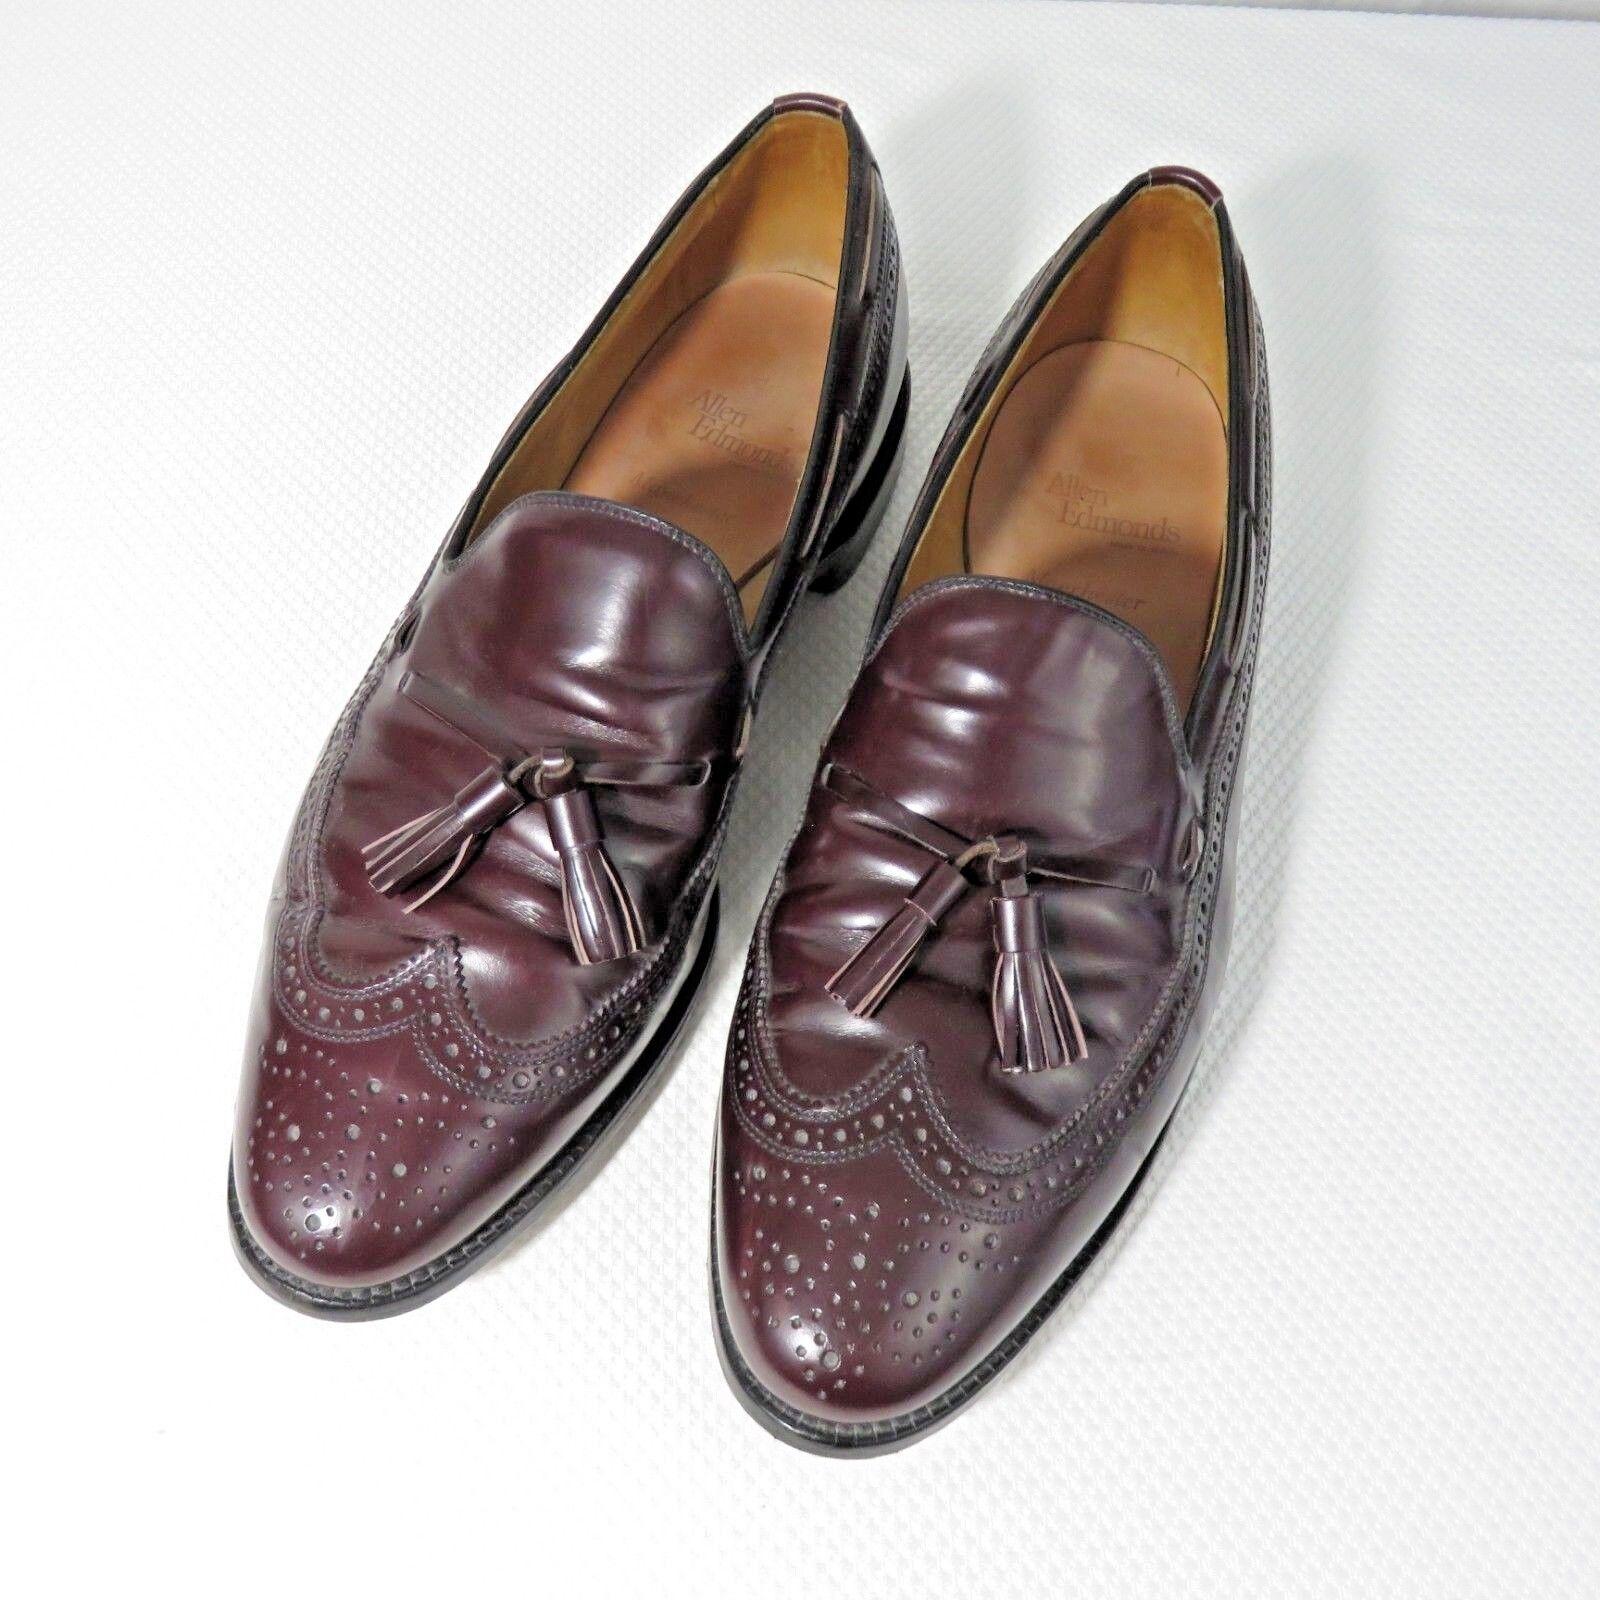 Allen Edmonds Manchester Wing Tip Tasseled Loafer Mens 13 D Dress shoes Burgundy